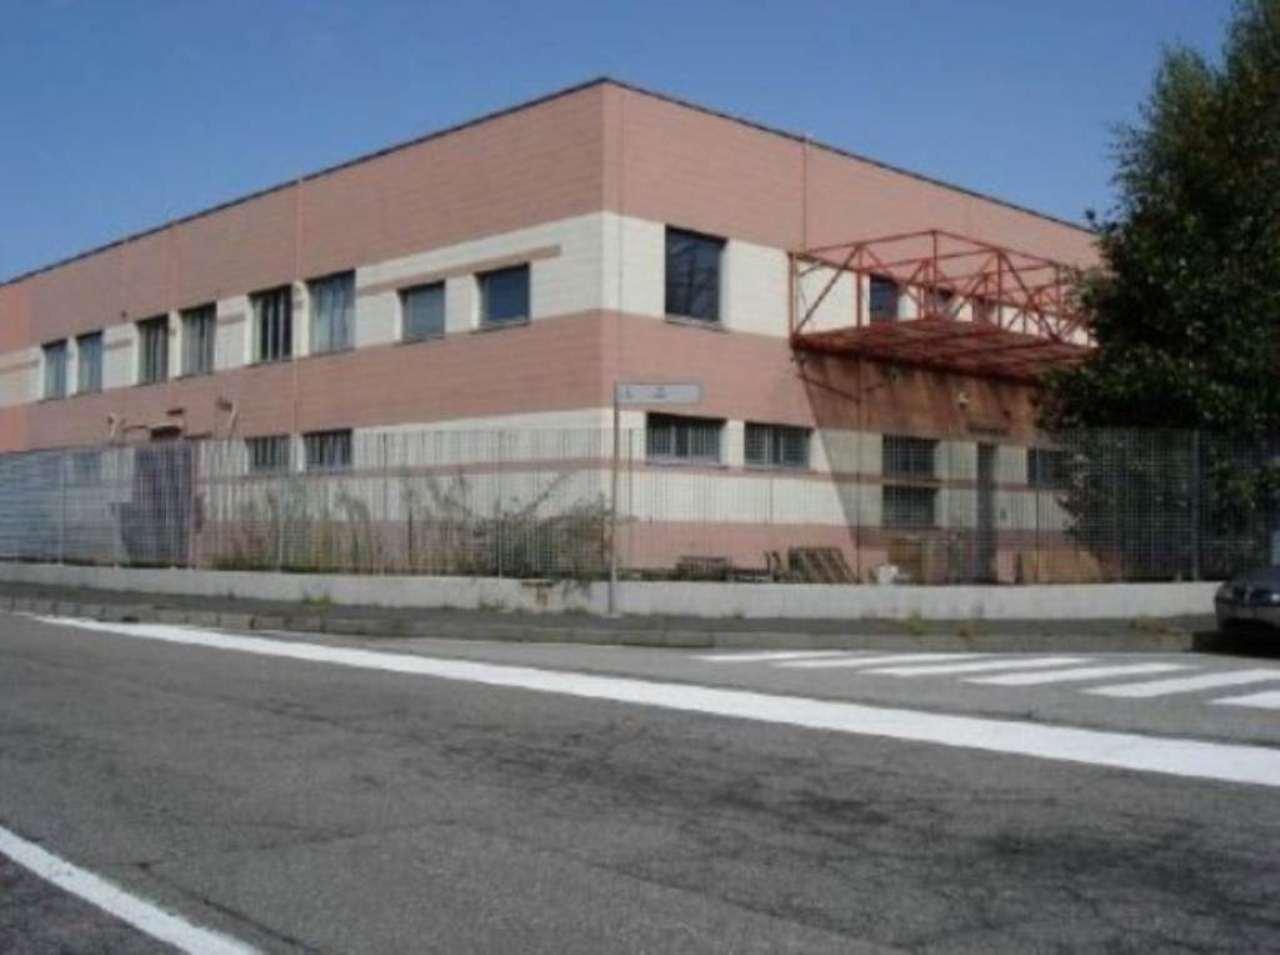 Capannone in vendita a Paderno Dugnano, 2 locali, prezzo € 650.000 | Cambio Casa.it